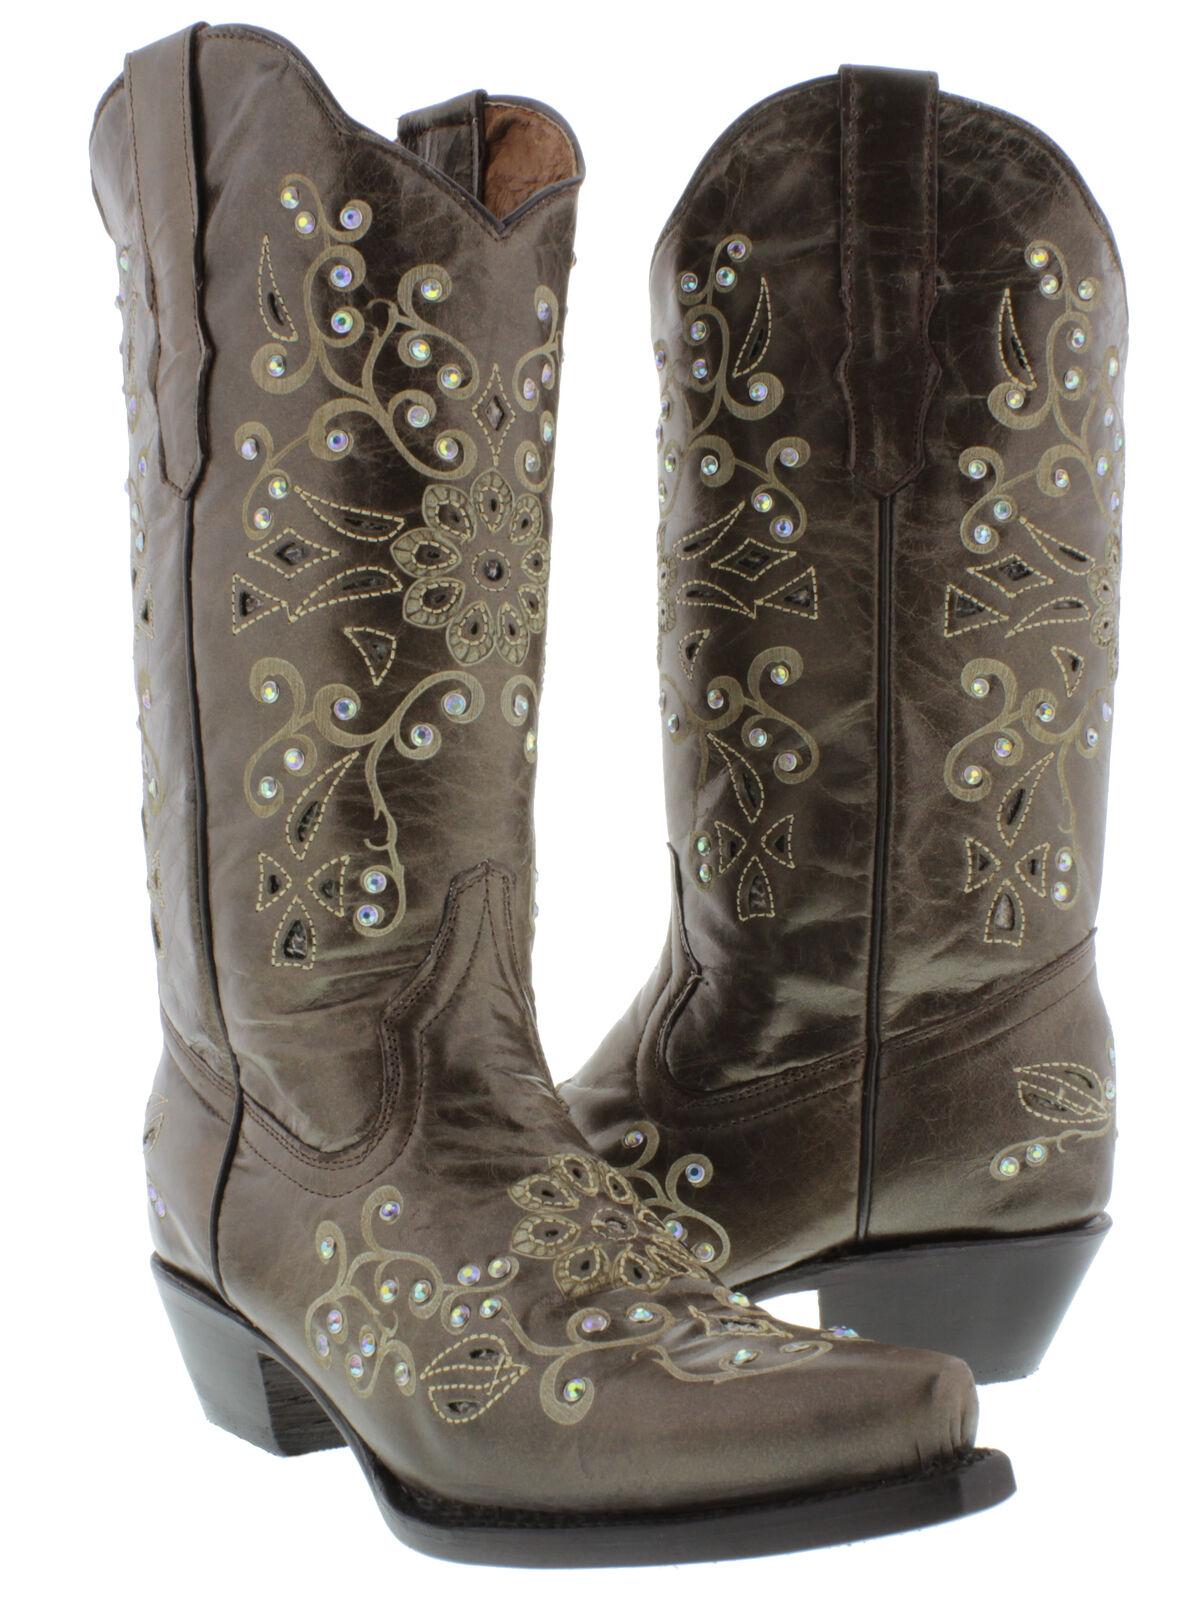 negozio fa acquisti e vendite donna Marrone Rhinestone Snake Cowgirl stivali Python Inlay Leather Leather Leather Pointed Toe  offerta speciale